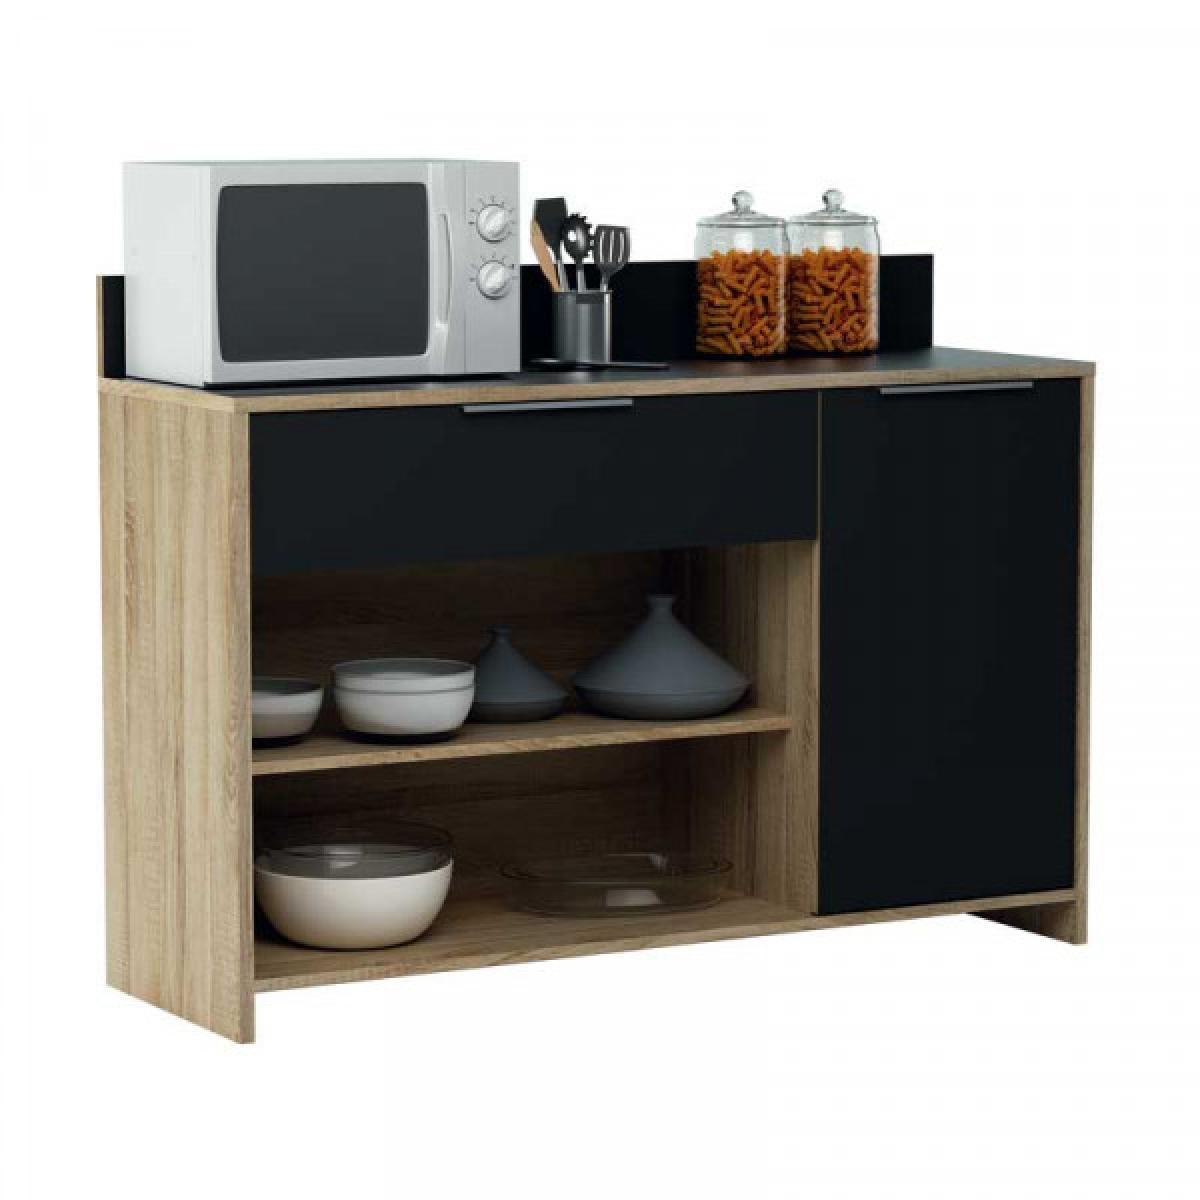 Dansmamaison Meuble bas de cuisine micro-ondes Chêne/Noir - LOL - L 123 x l 40 x H 89.2 cm